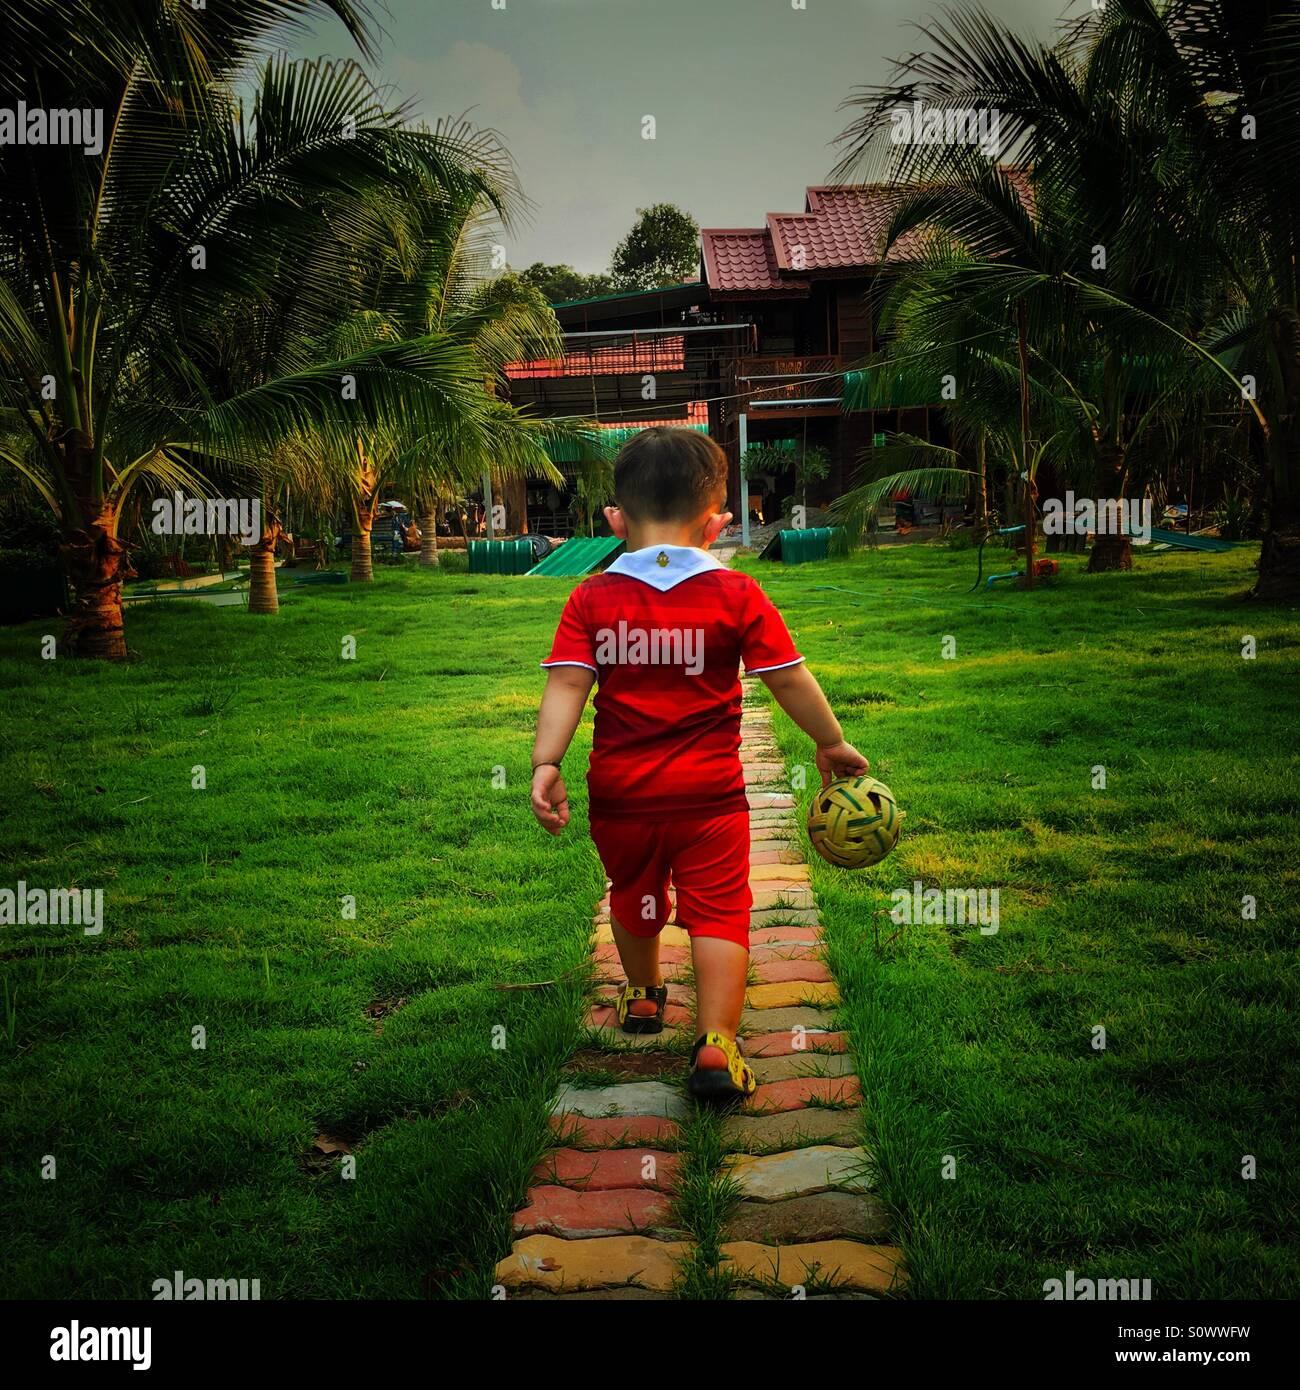 Le garçon marche avec une balle dans la main Photo Stock